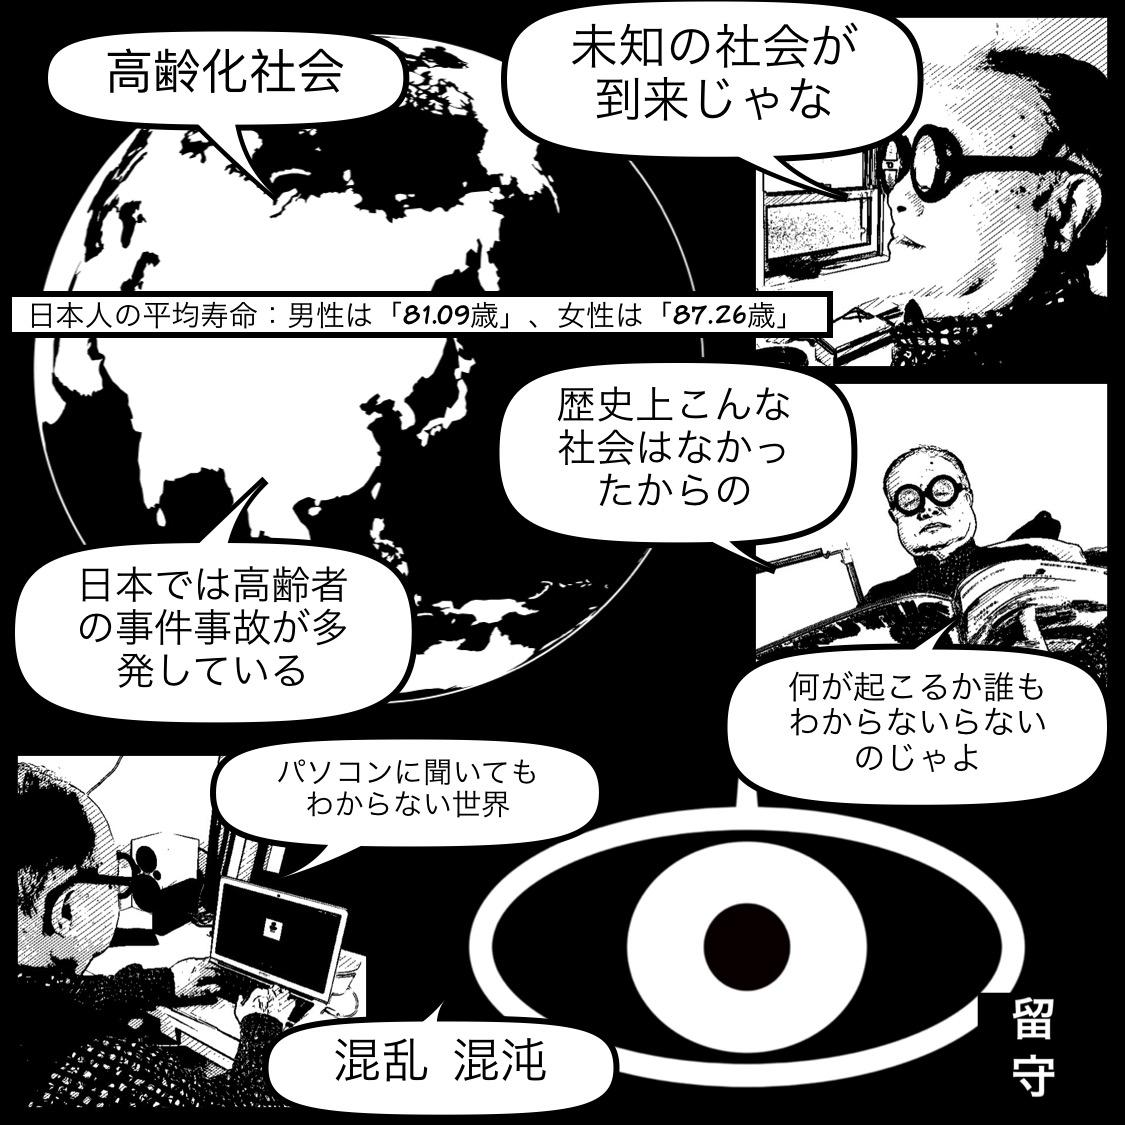 日本は今後先進国